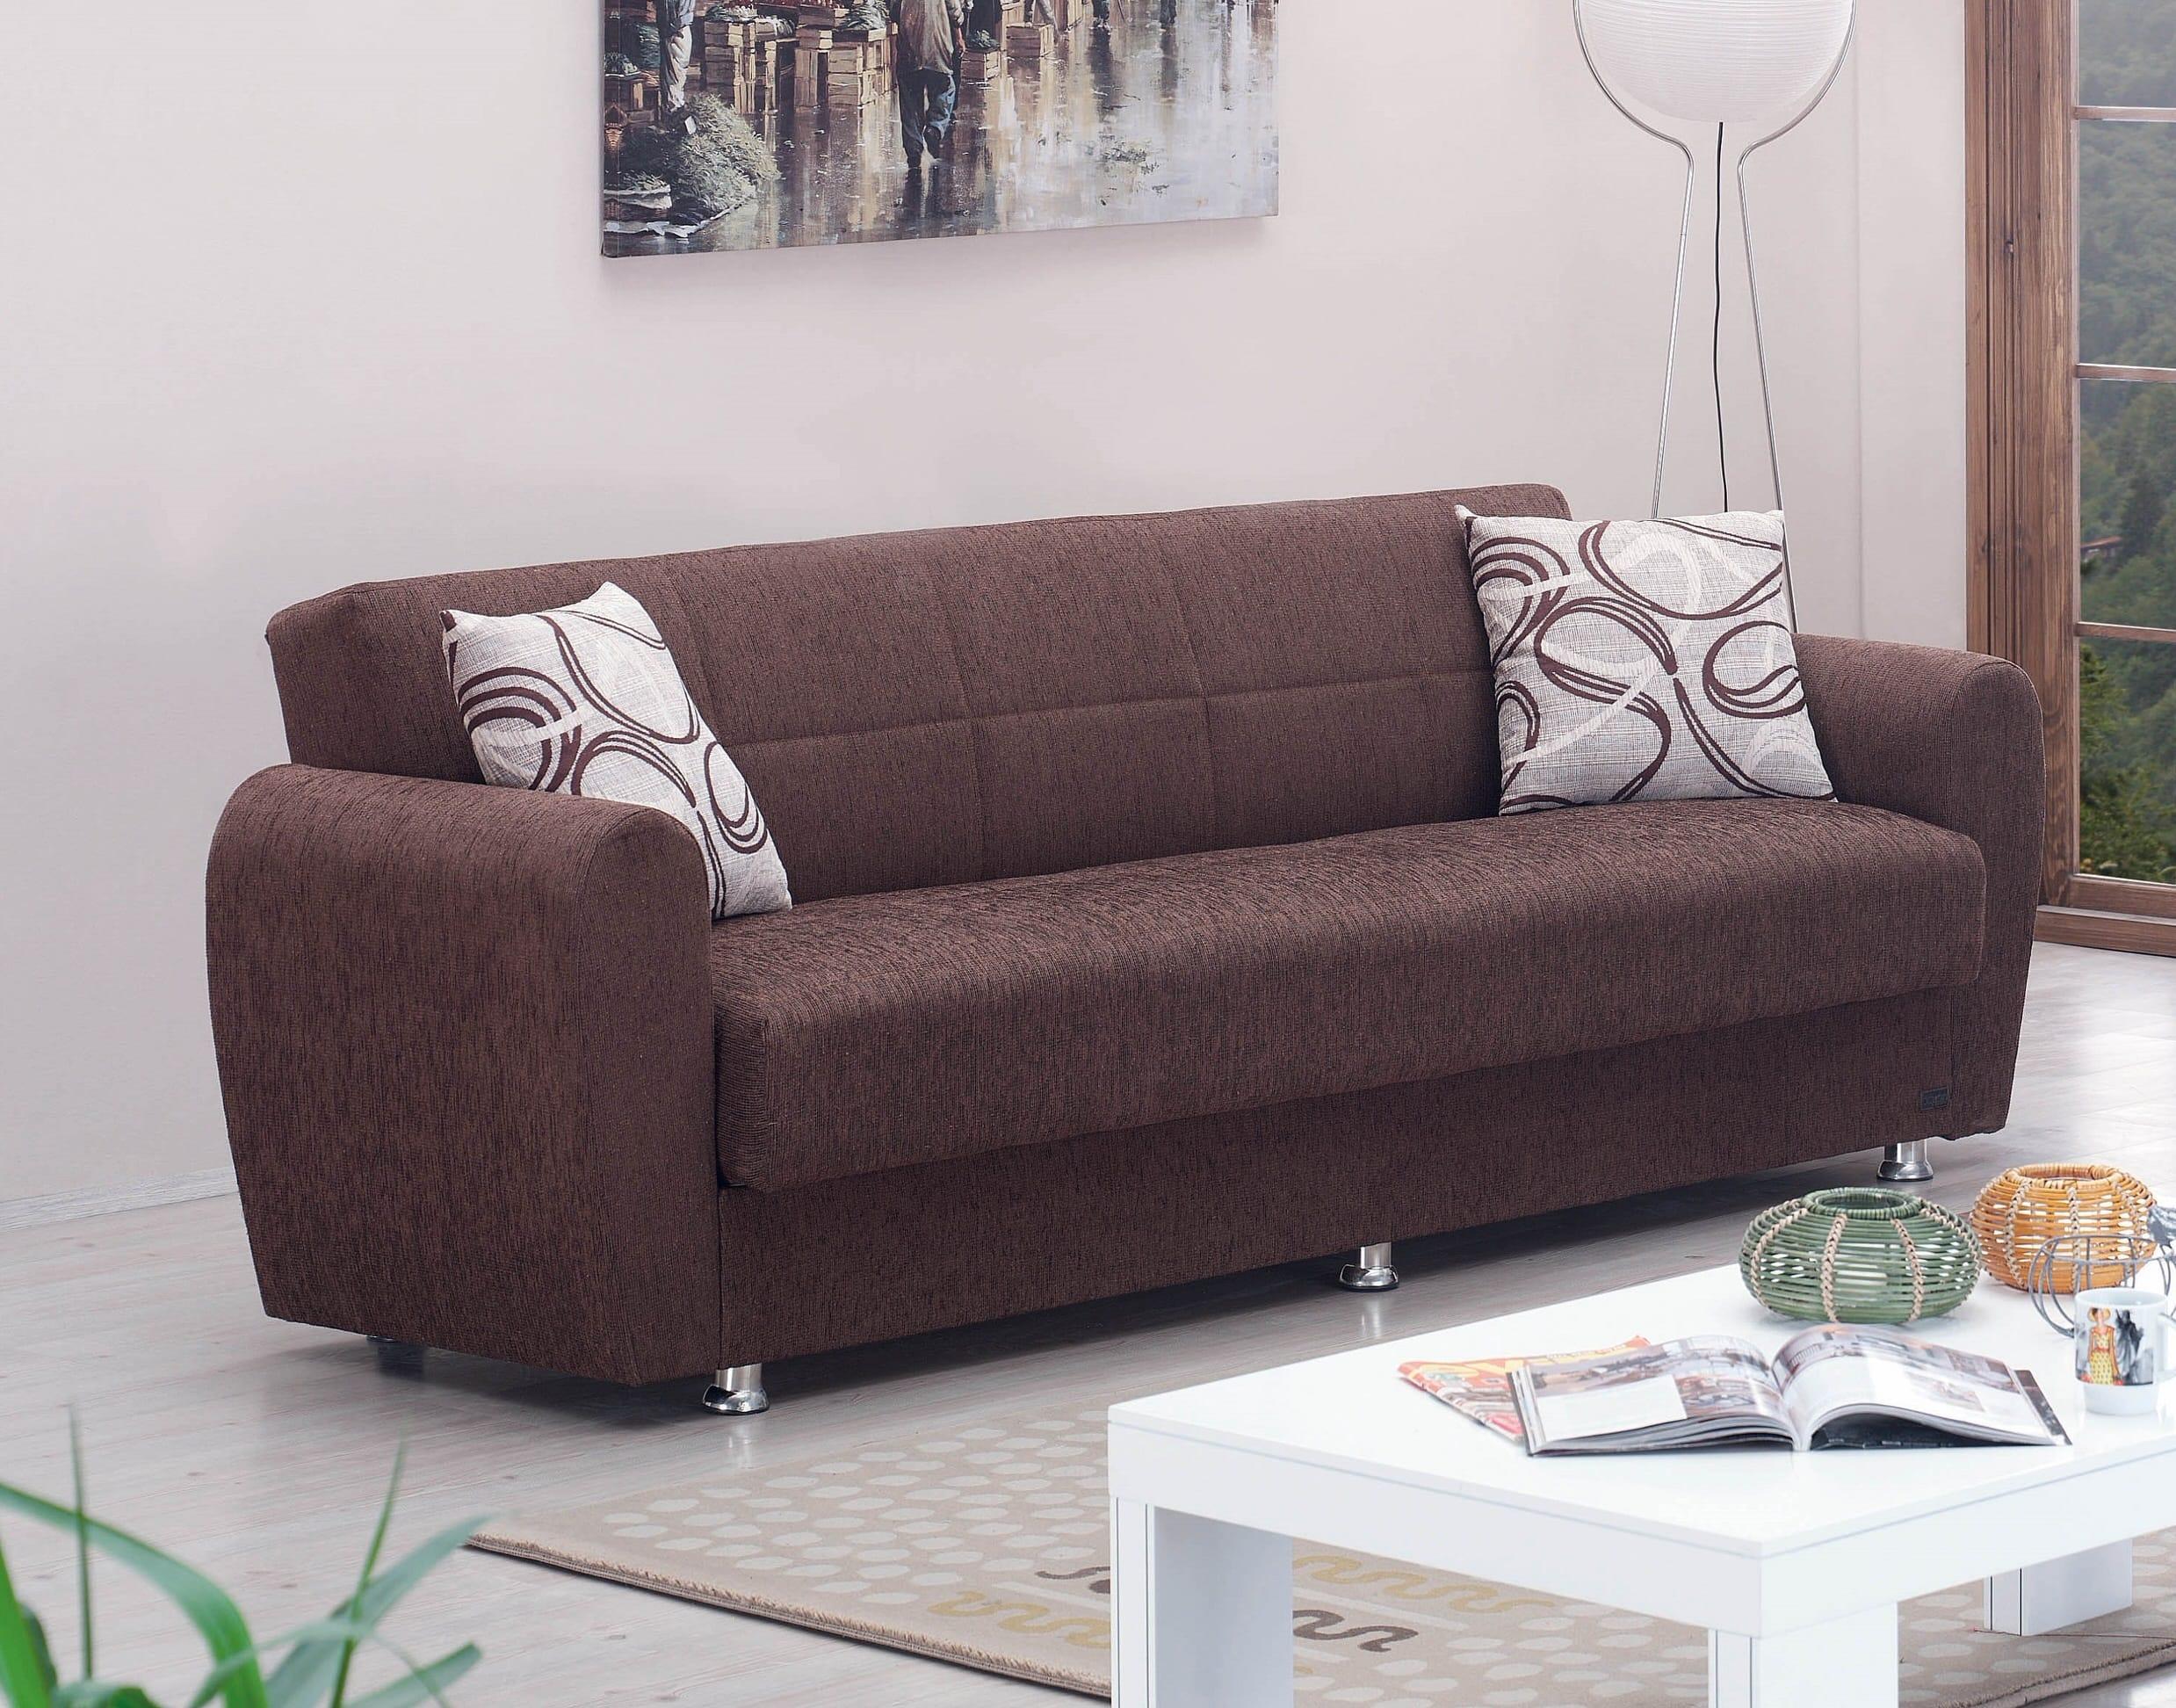 Boston Sofa Bed By Empire Furniture Usa